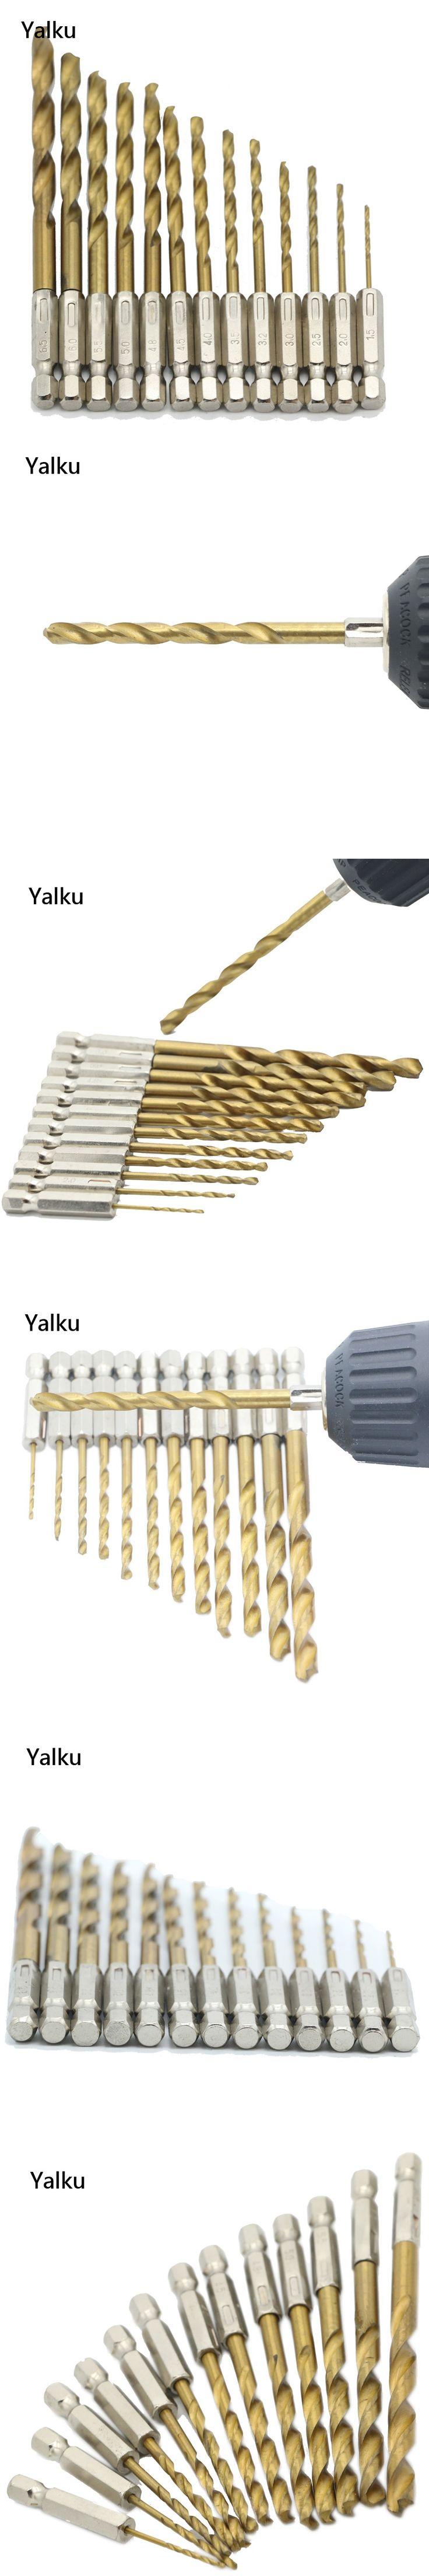 Yalku 13pc Six Point Screw Drill Perforating Drill Bit Screwdriver Power Tool Set Drill Hole Bit Set HSS Metal Woodworking Tool